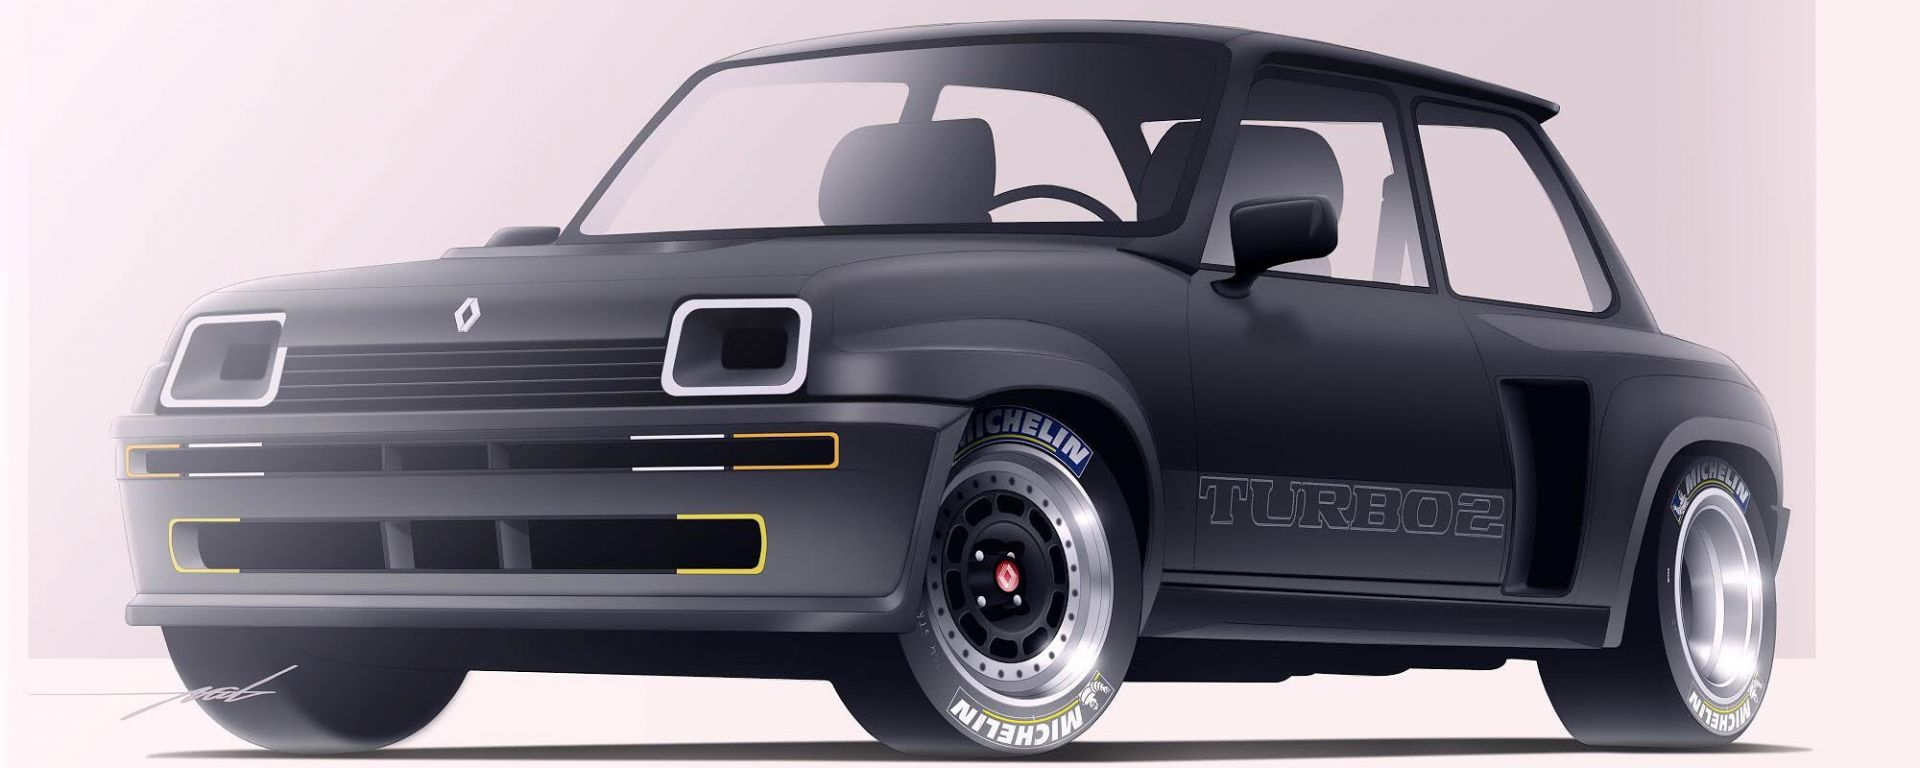 Renault 5 Turbo: il 3D artist immagina la riedizione